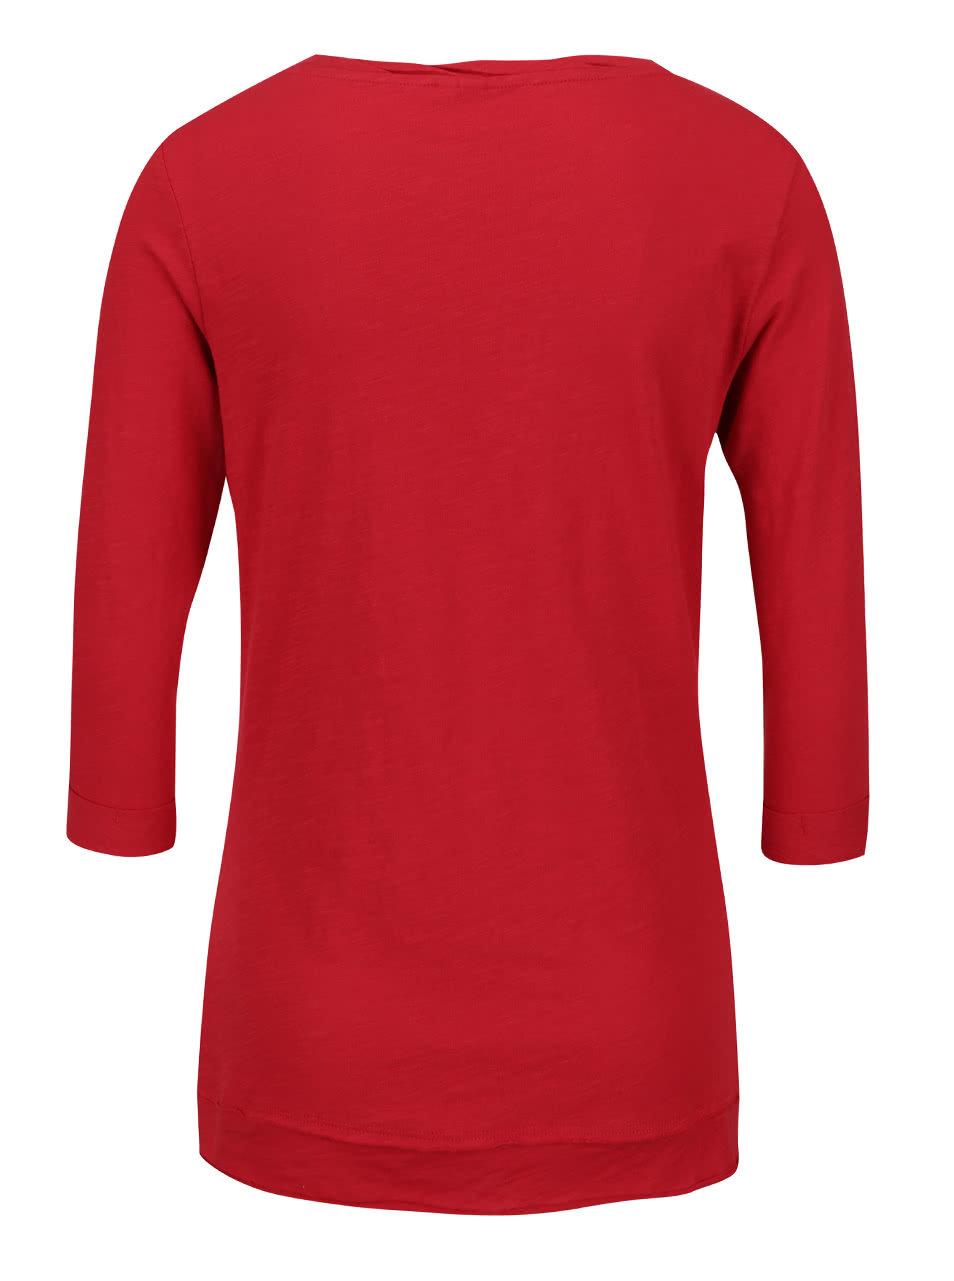 c53d6956af585 Červené dámske tričko s potlačou a 3/4 rukávmi QS by s. Oliver   ZOOT.sk